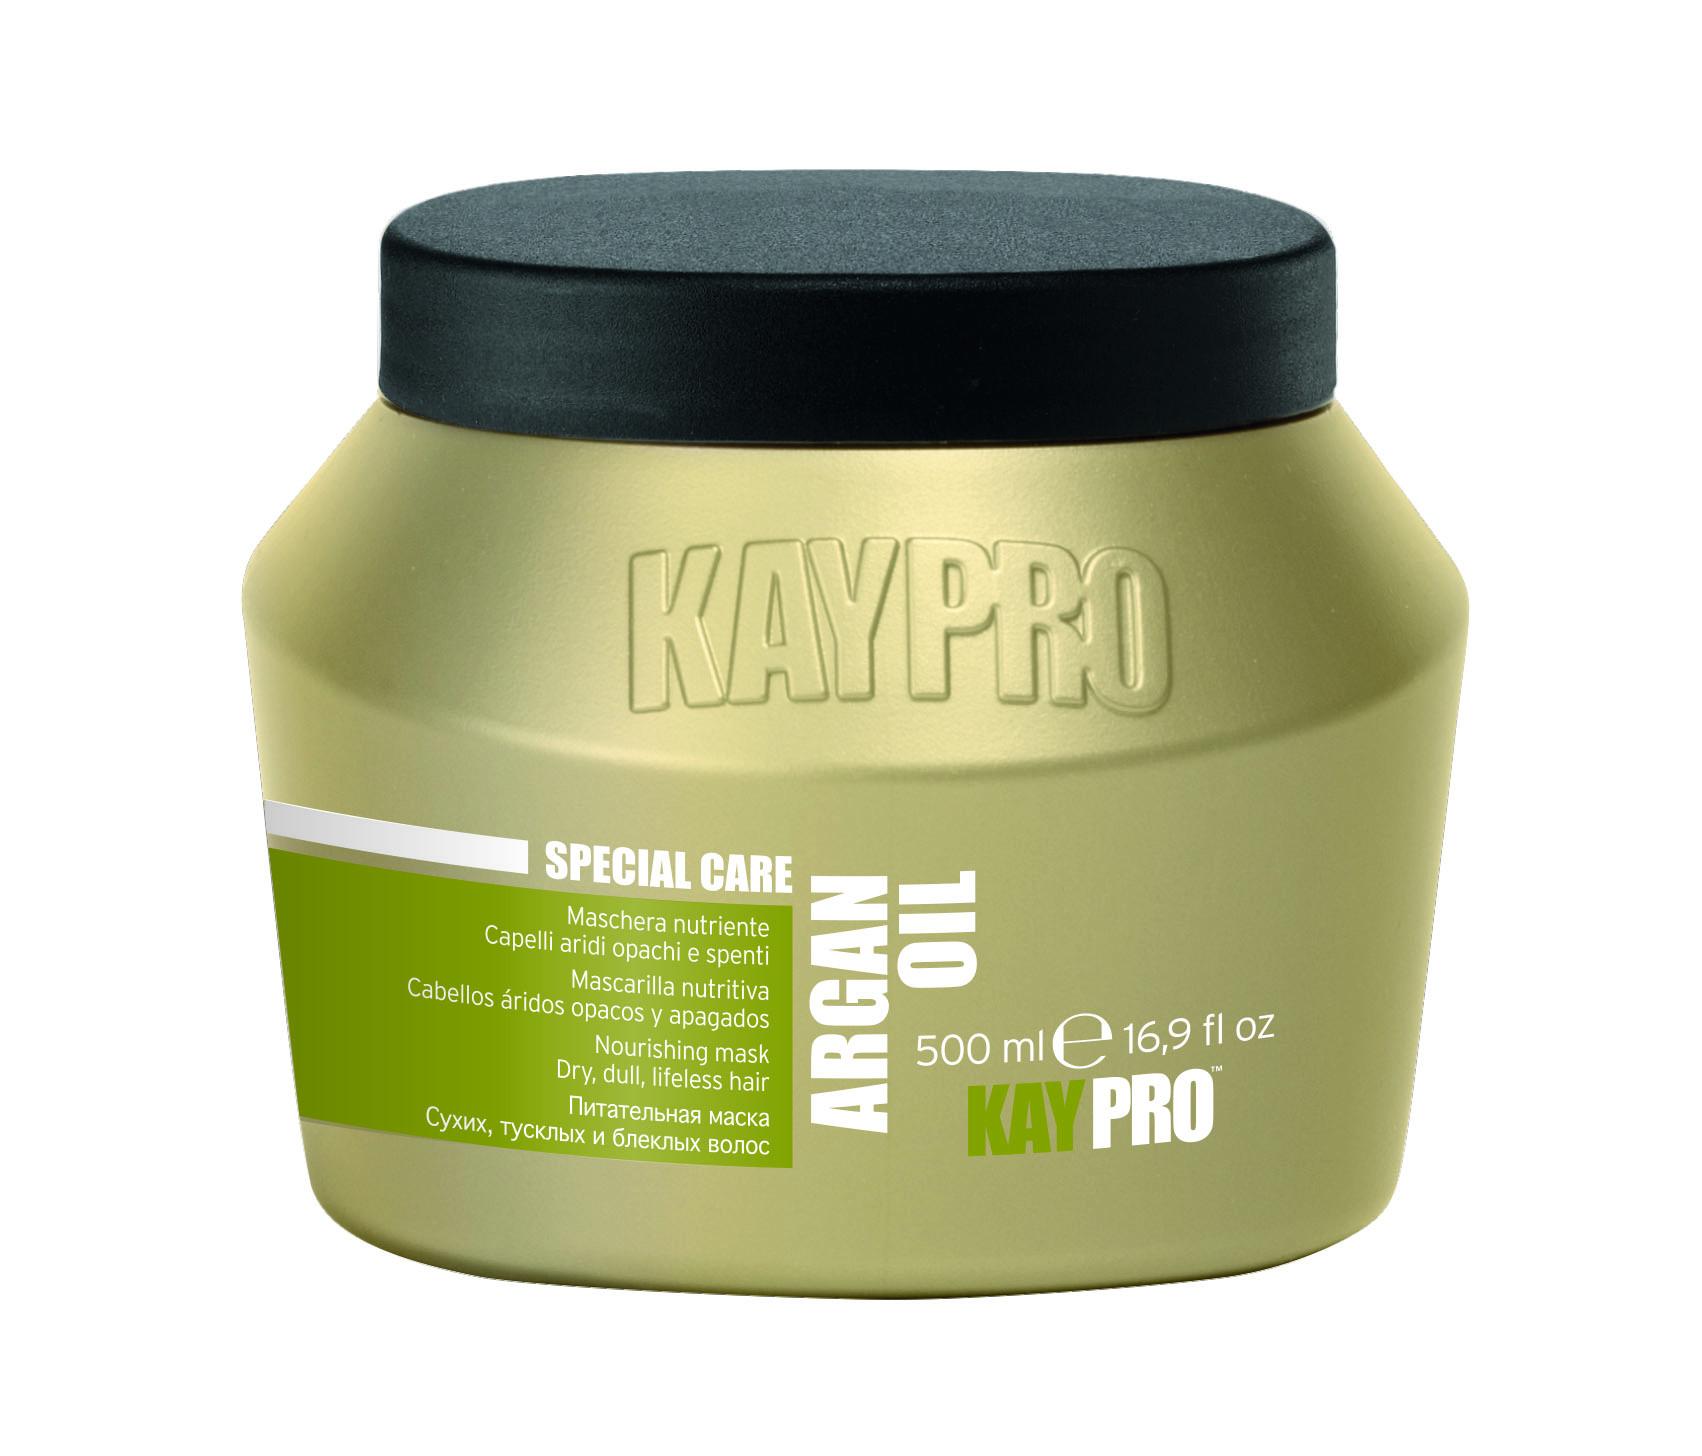 KAYPRO Маска питательная с аргановым маслом / KAYPRO 500млМаски<br>Интенсивно увлажняет, питает, восстанавливает волосы из глубины, дарит волосам жизненную силу. Делает их легко расчесываемыми, блестящими, эластичными и шелковистыми. Активные ингредиенты: аргановое масло. Способ применения: после использования шампуня нанести на влажные волосы по всей длине и расчесать. Оставить действовать на 3-5 минут, после чего смыть водой.<br><br>Объем: 500 мл<br>Типы волос: Поврежденные